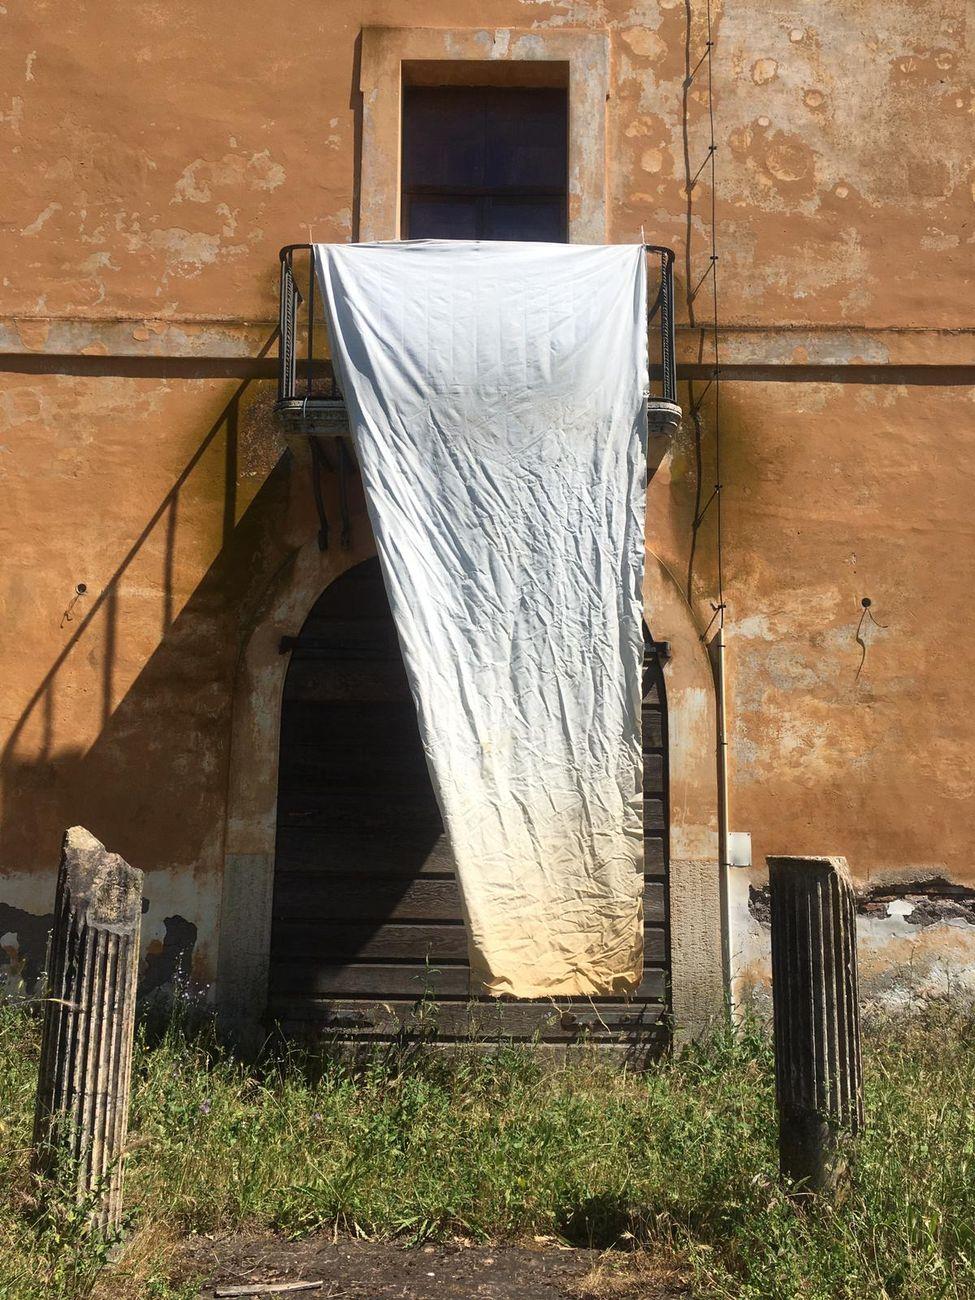 Luca Vitone, tela esposta agli agenti atmosferici a Villa Adriana, presso Palazzina Pirro Ligorio, 2019-21. Photo Giulia Floris per VILLAE